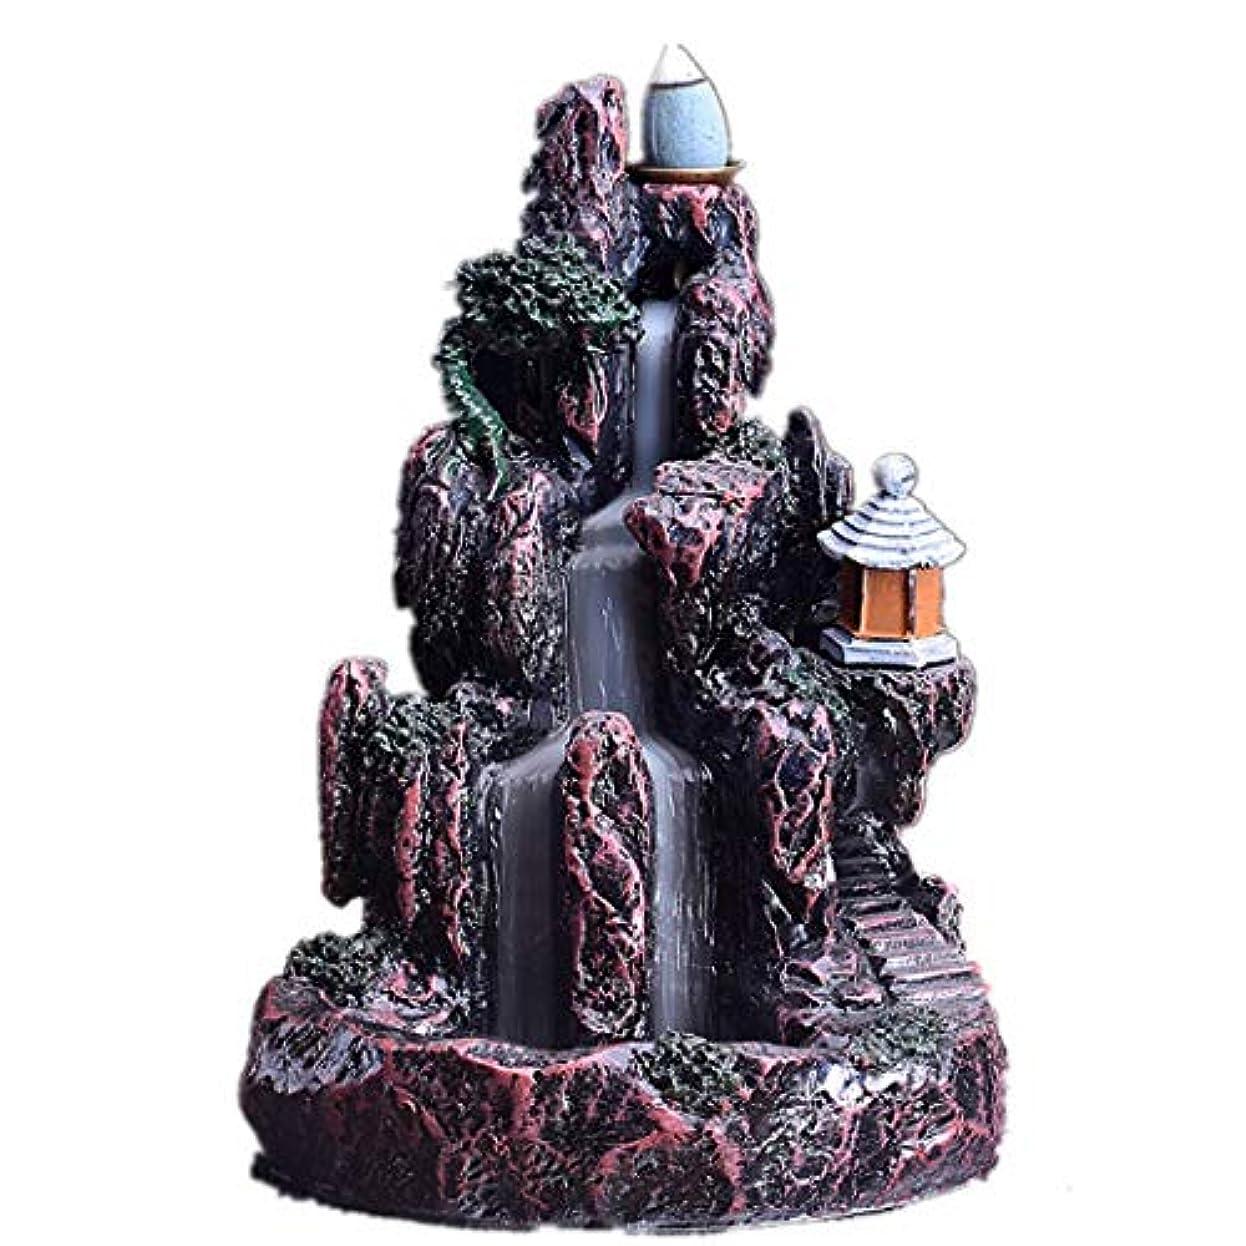 支援急行する臨検XPPXPP Backflow Incense Burner, Household Ceramic Returning Cone-shaped Candlestick Burner